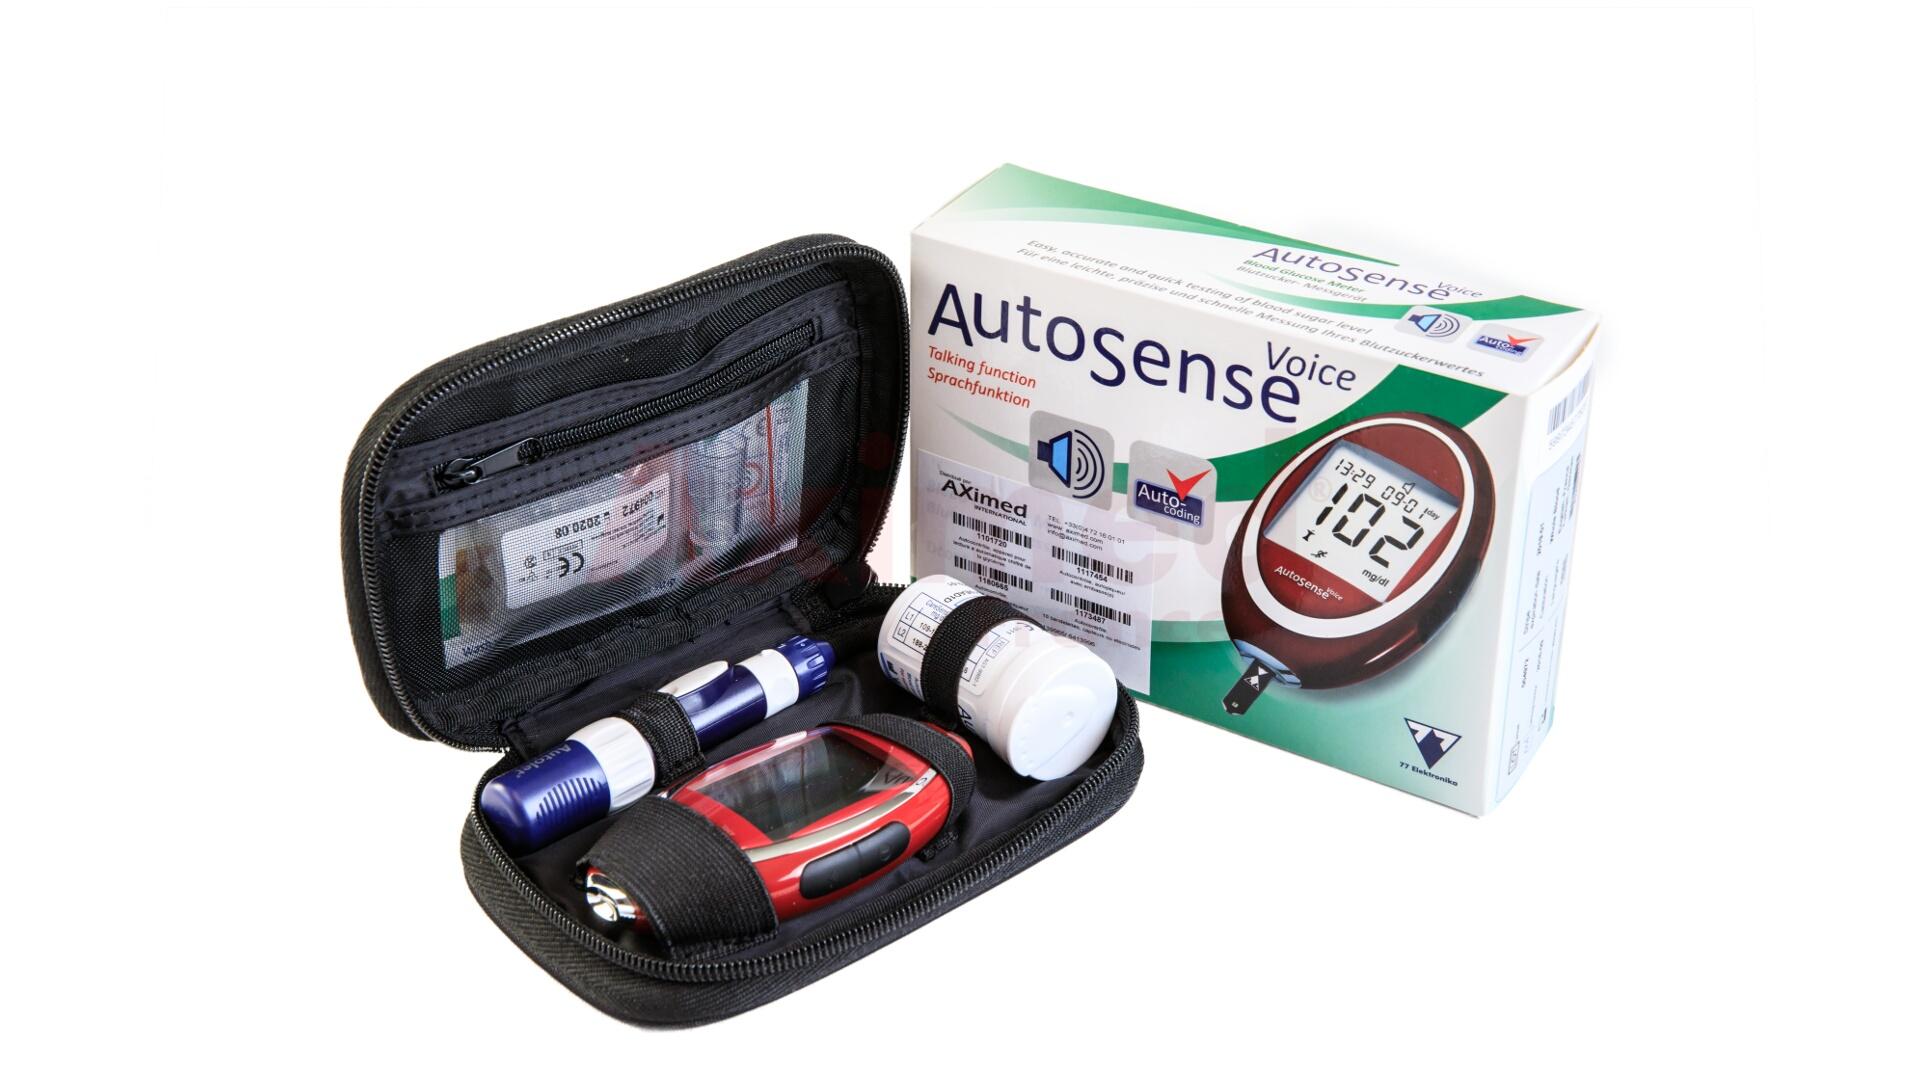 Kit AutoSense Voice